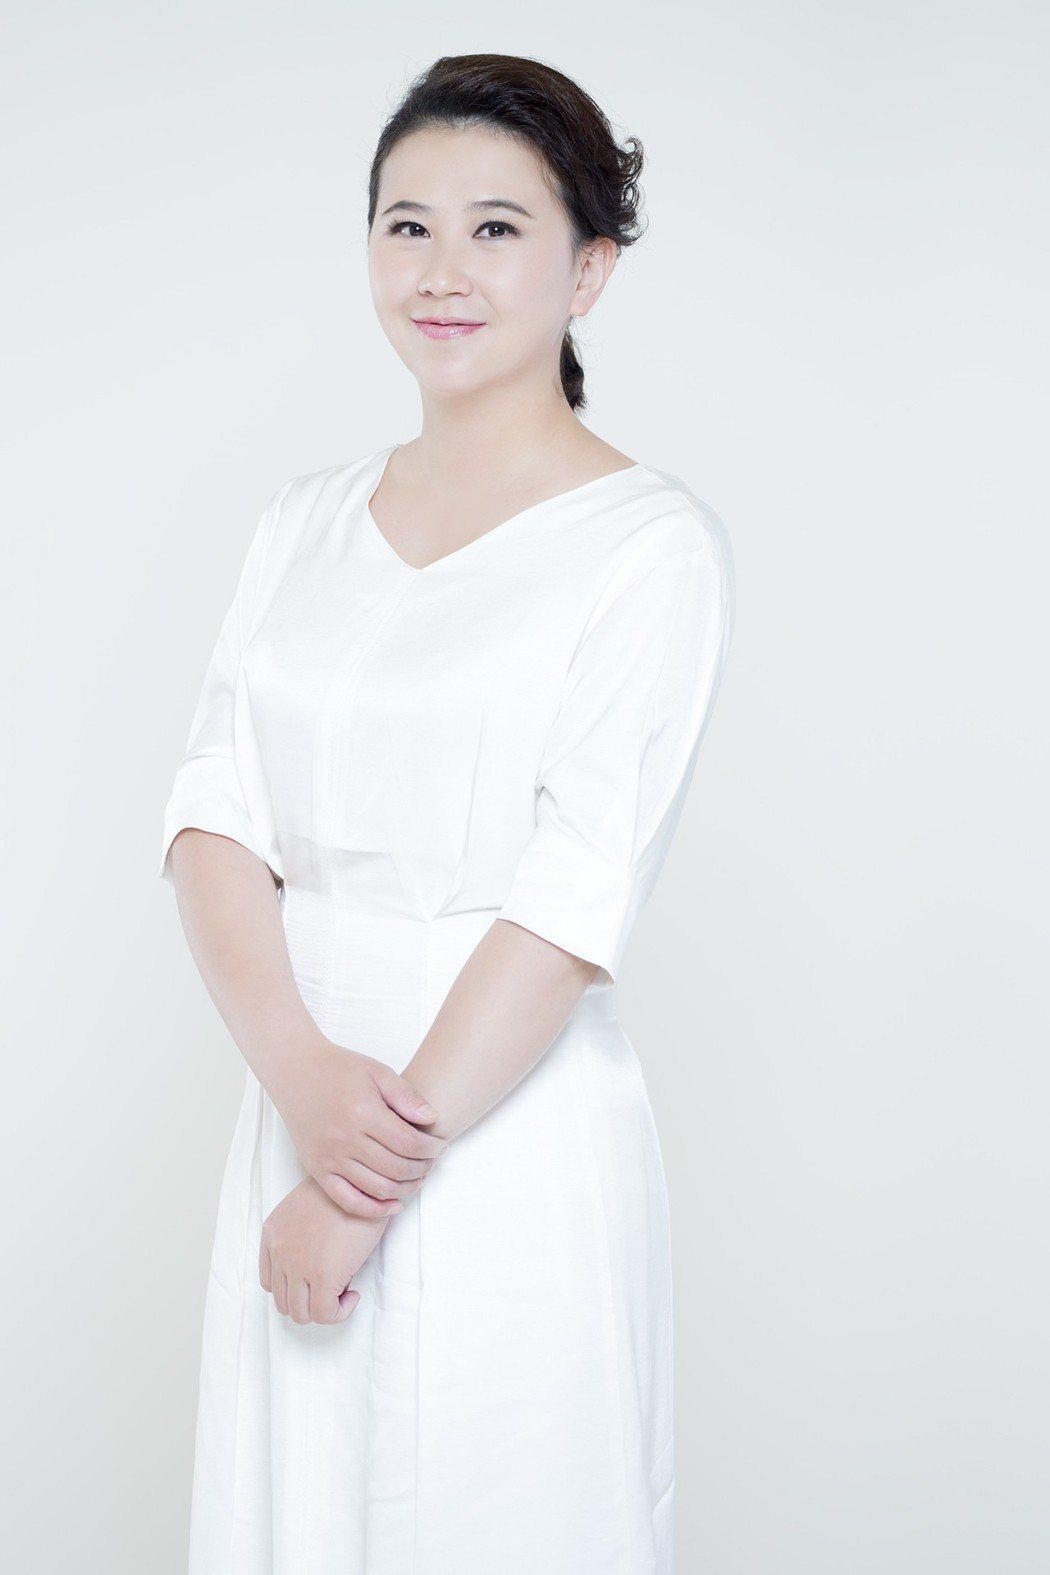 林喬安 圖/怡佳娛樂提供